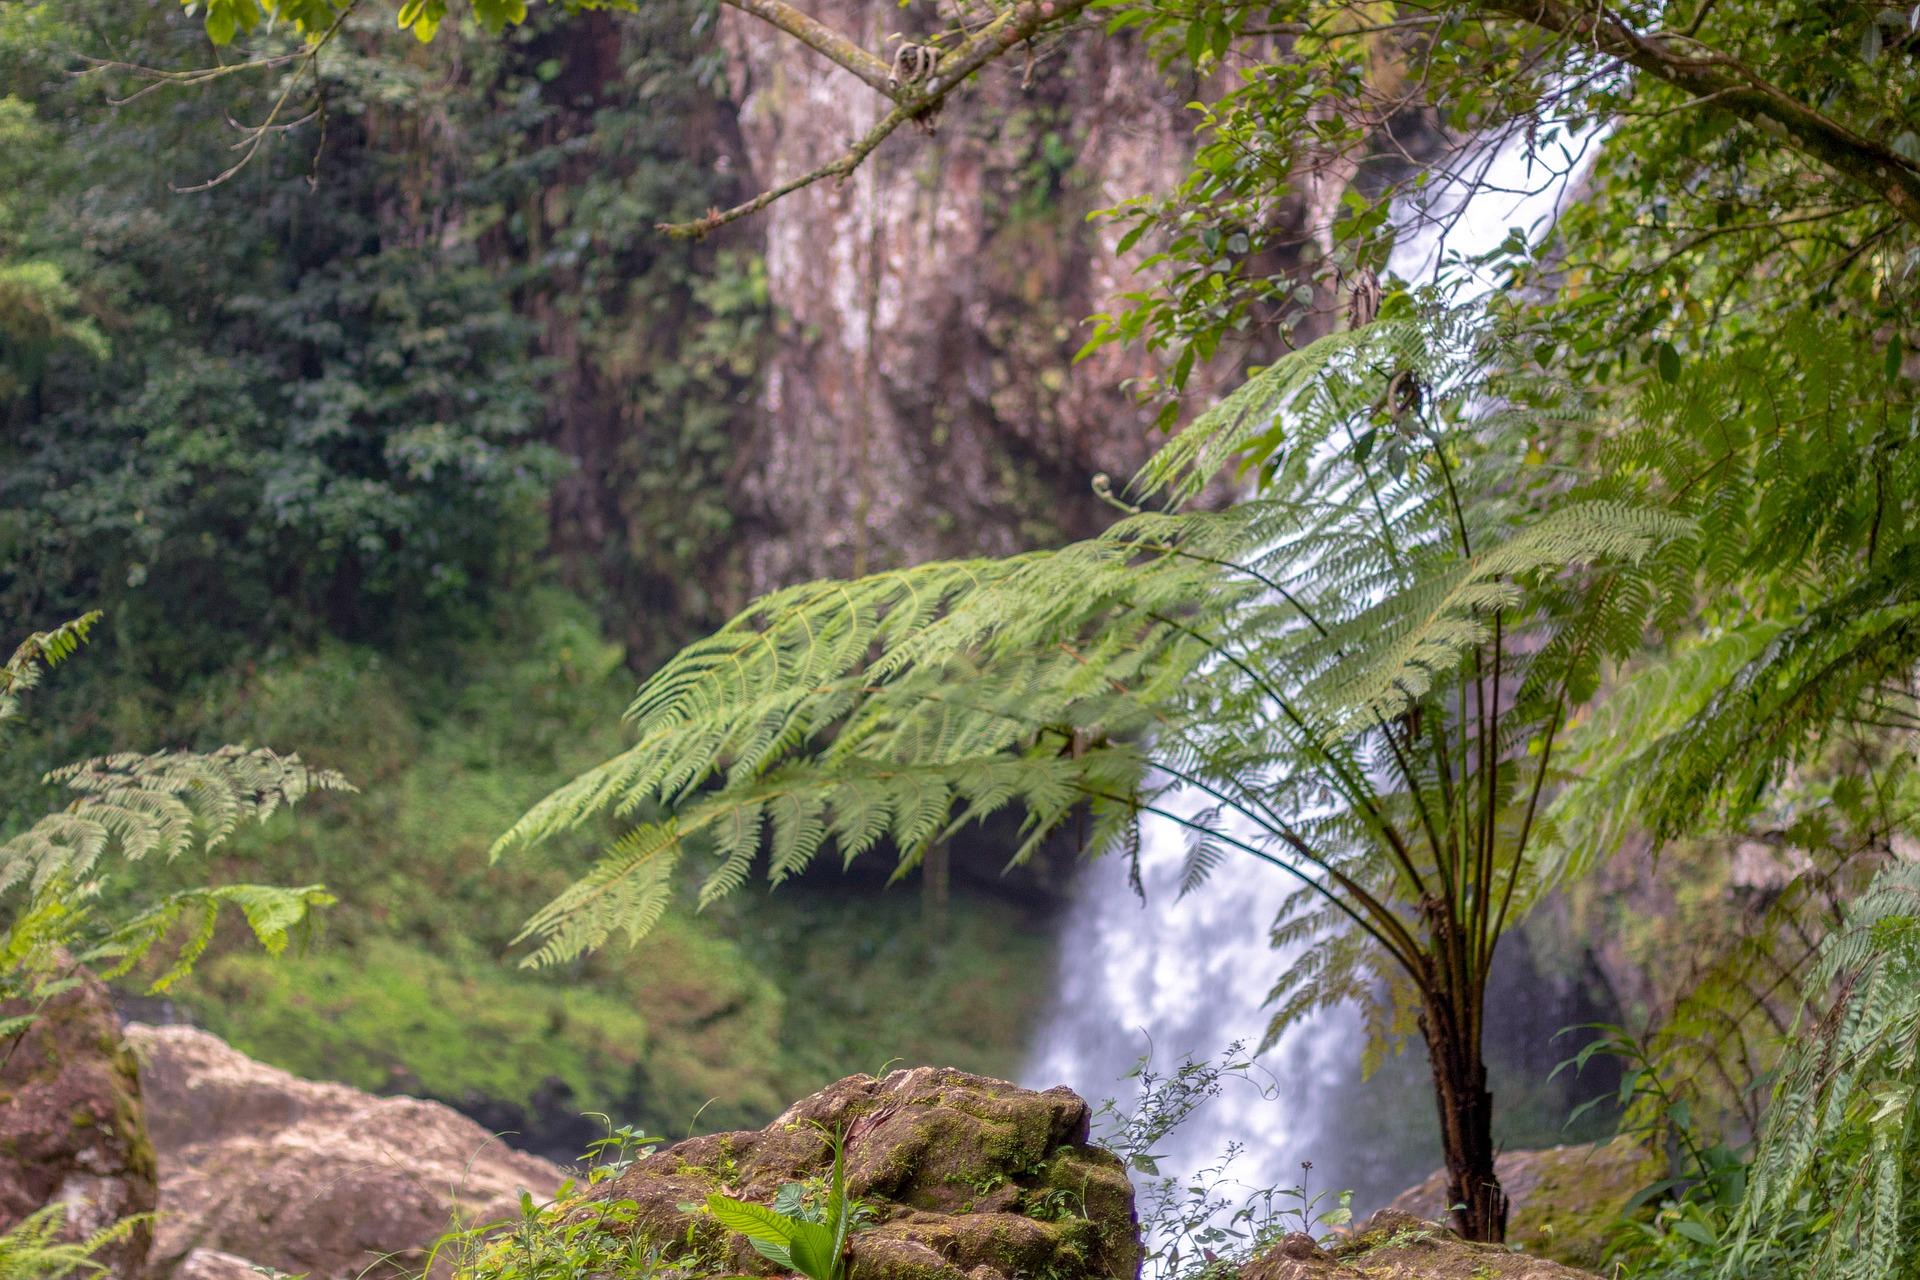 Biodiversidad: ¿el otro lado de la moneda?